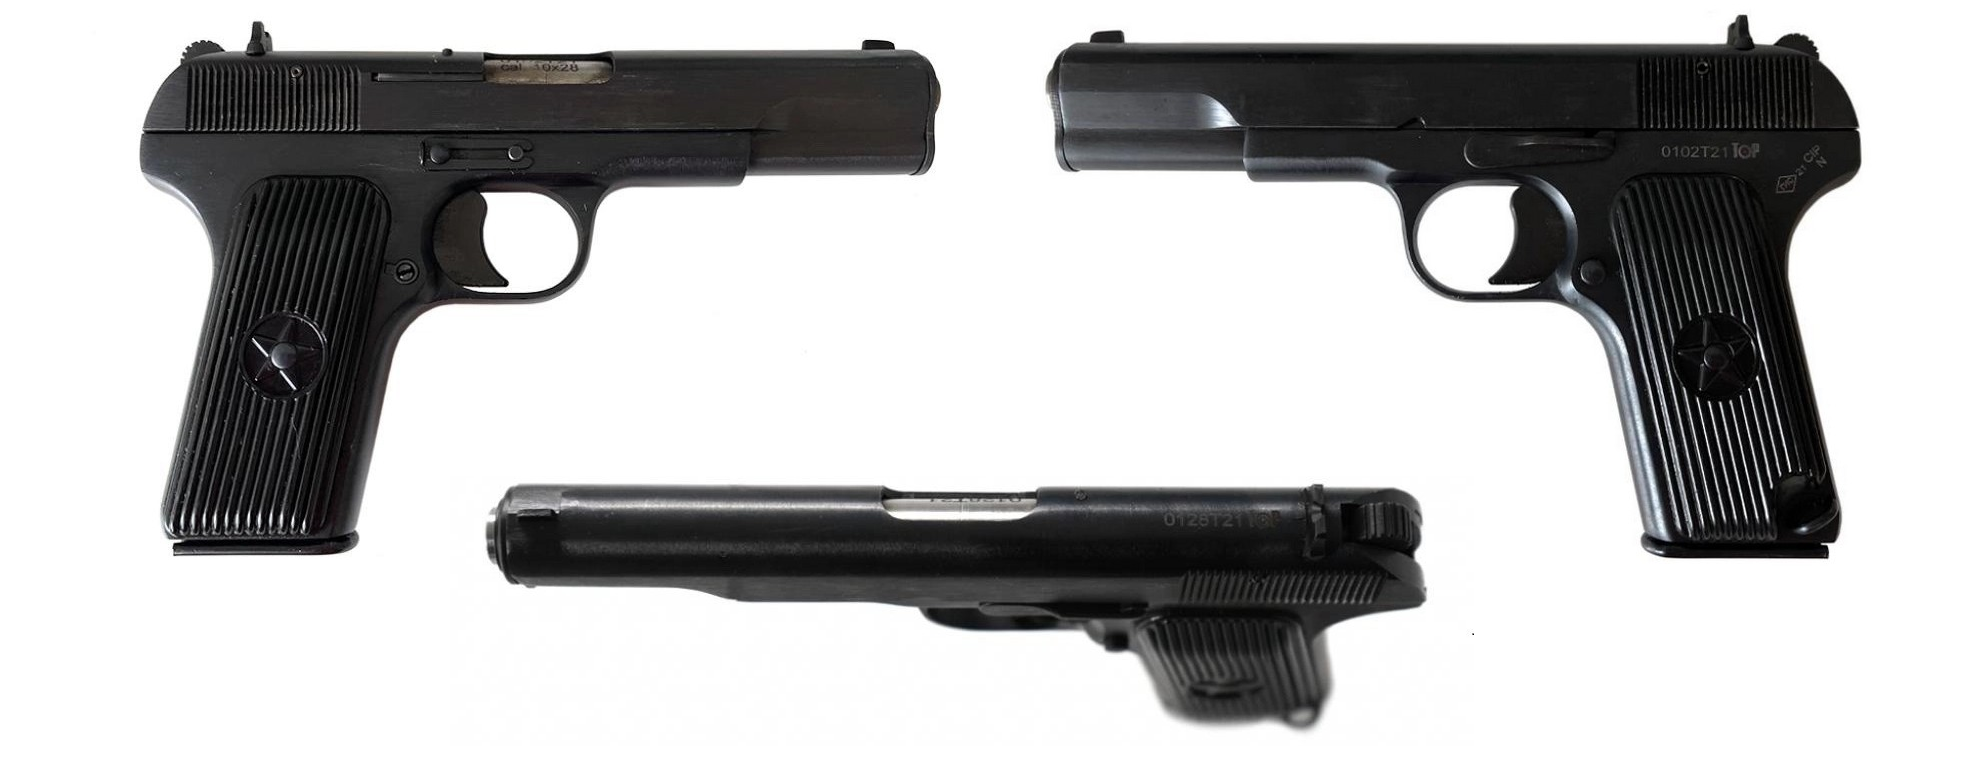 Травматические пистолеты ТТ Тень-28 и Grand Power T11